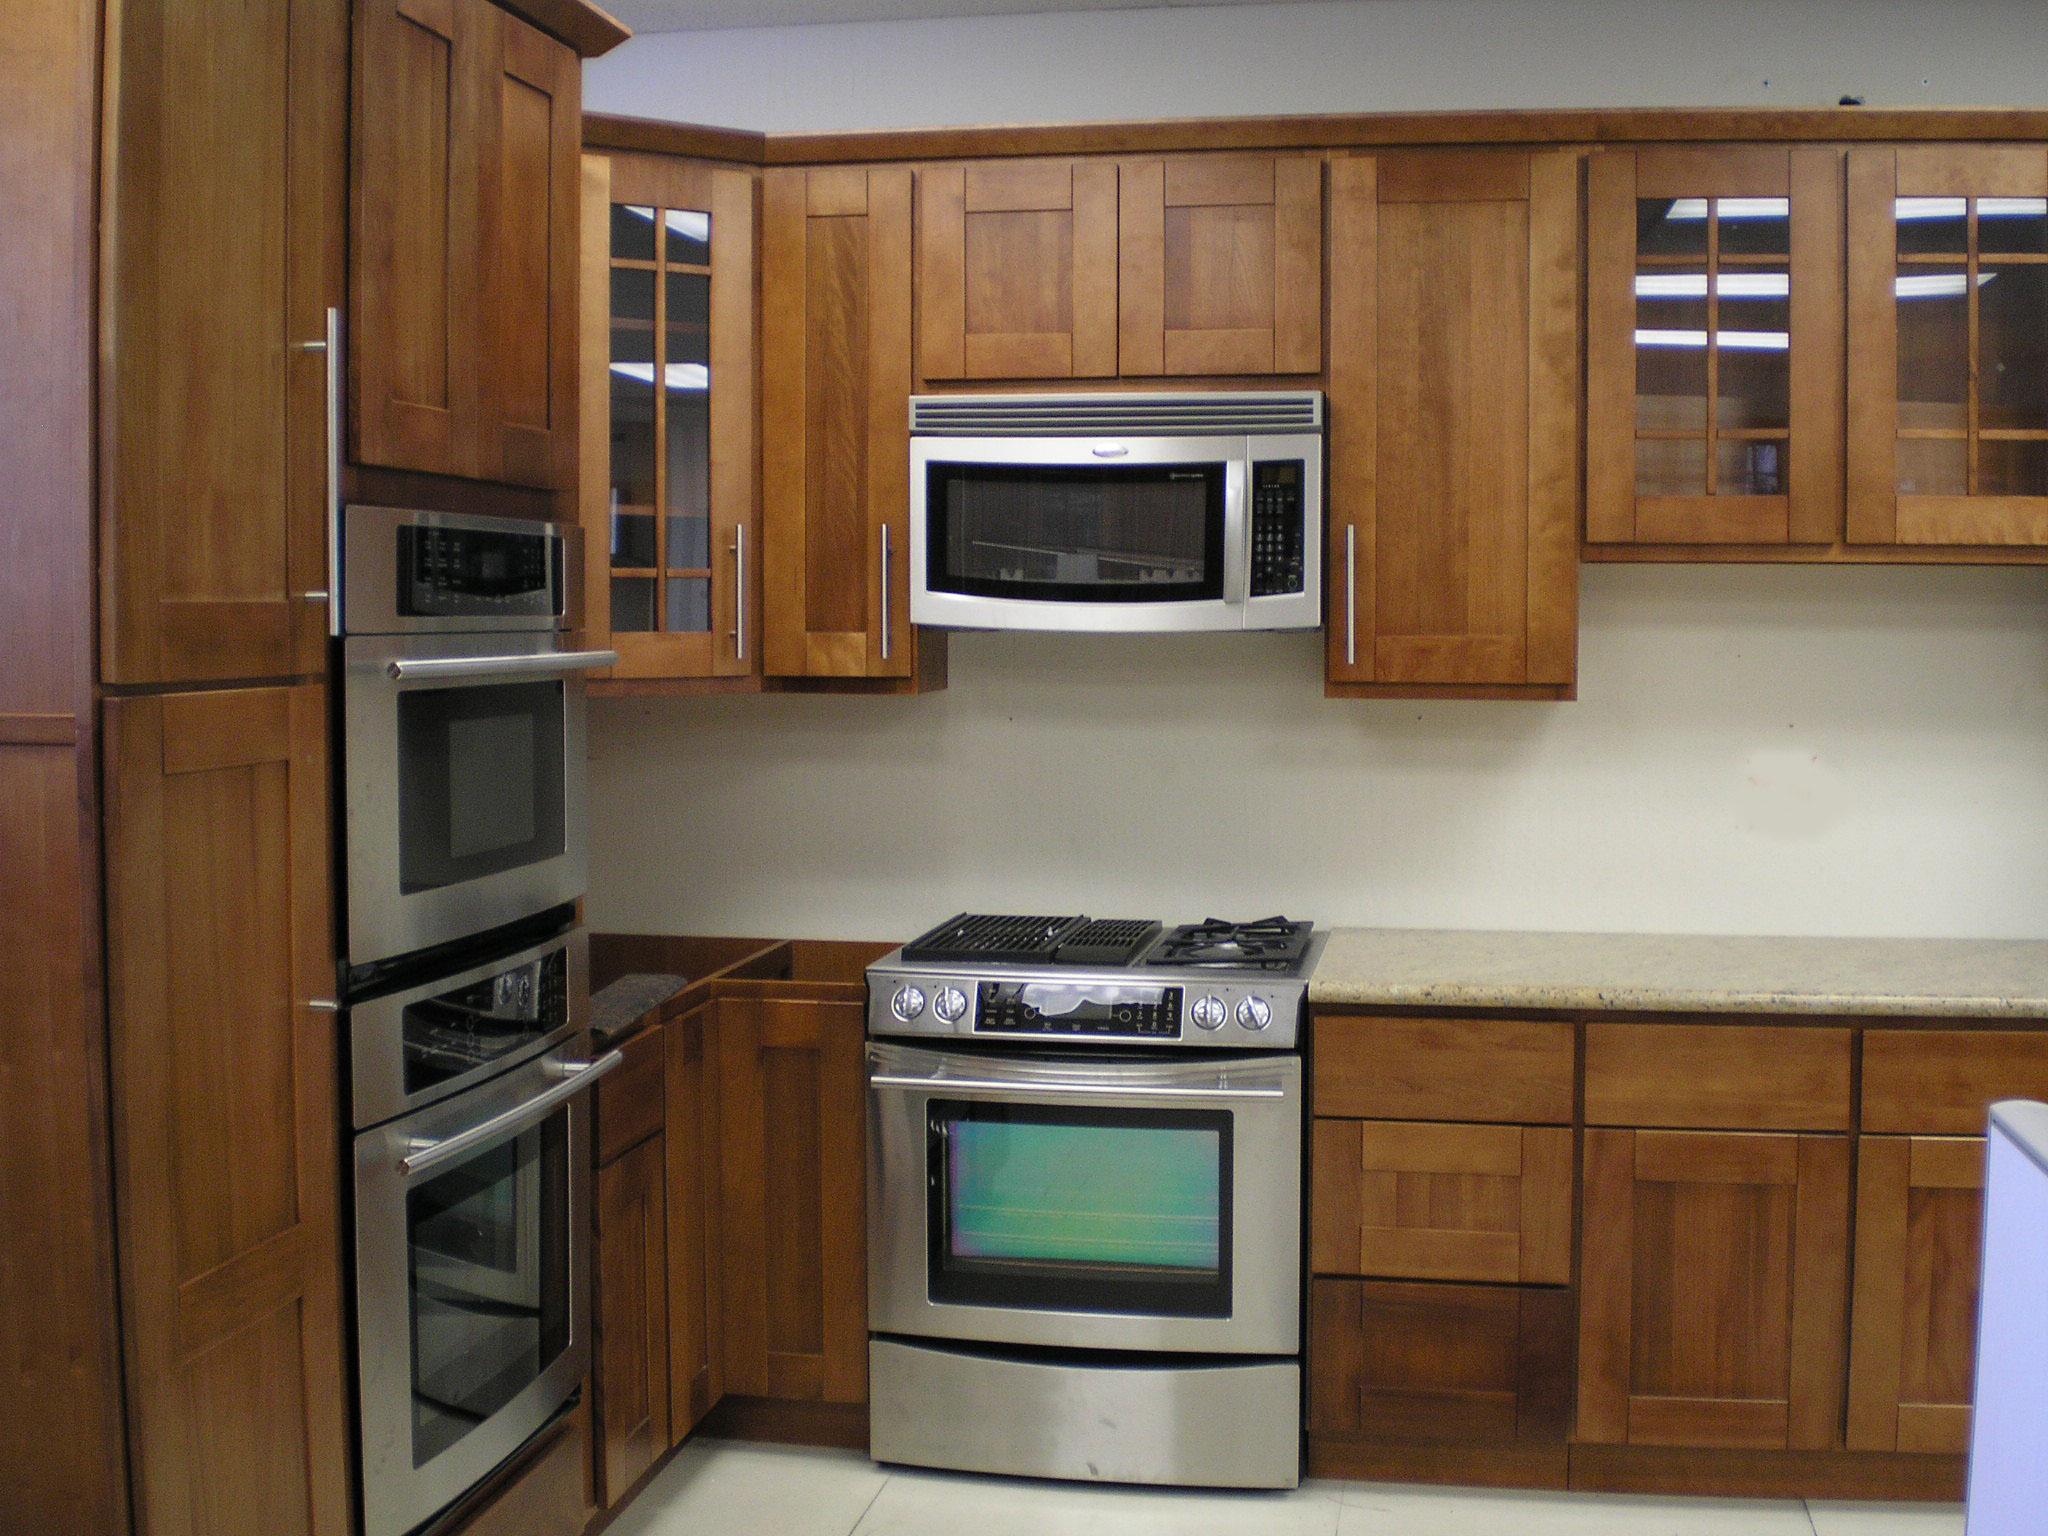 Kitchen cabinet storage Photo - 1